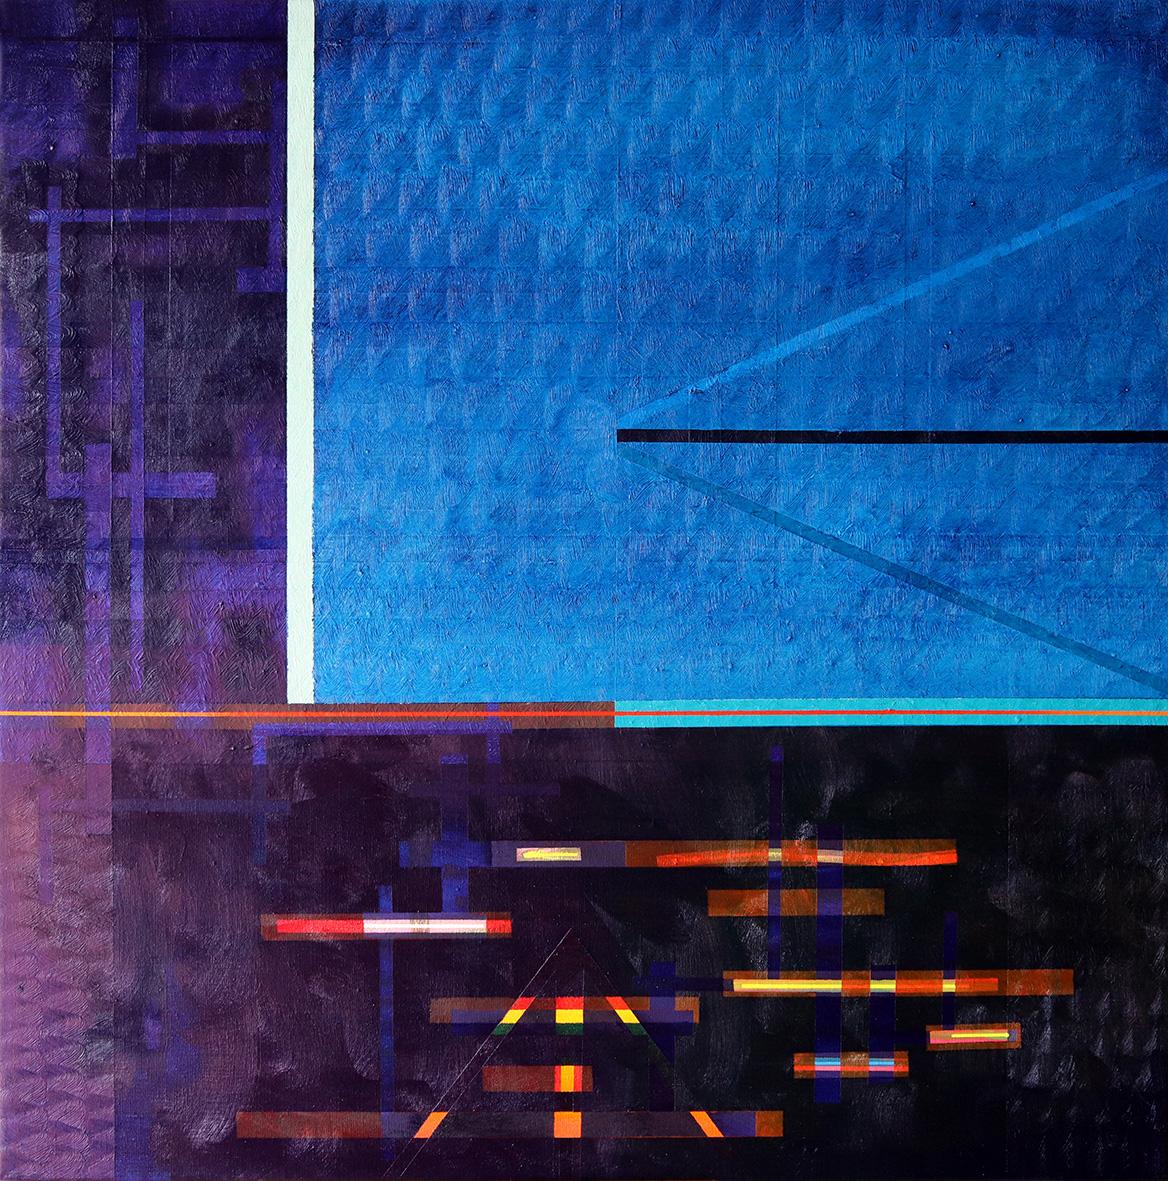 Redline horizon (v 2.0) (80x80cm) 2019